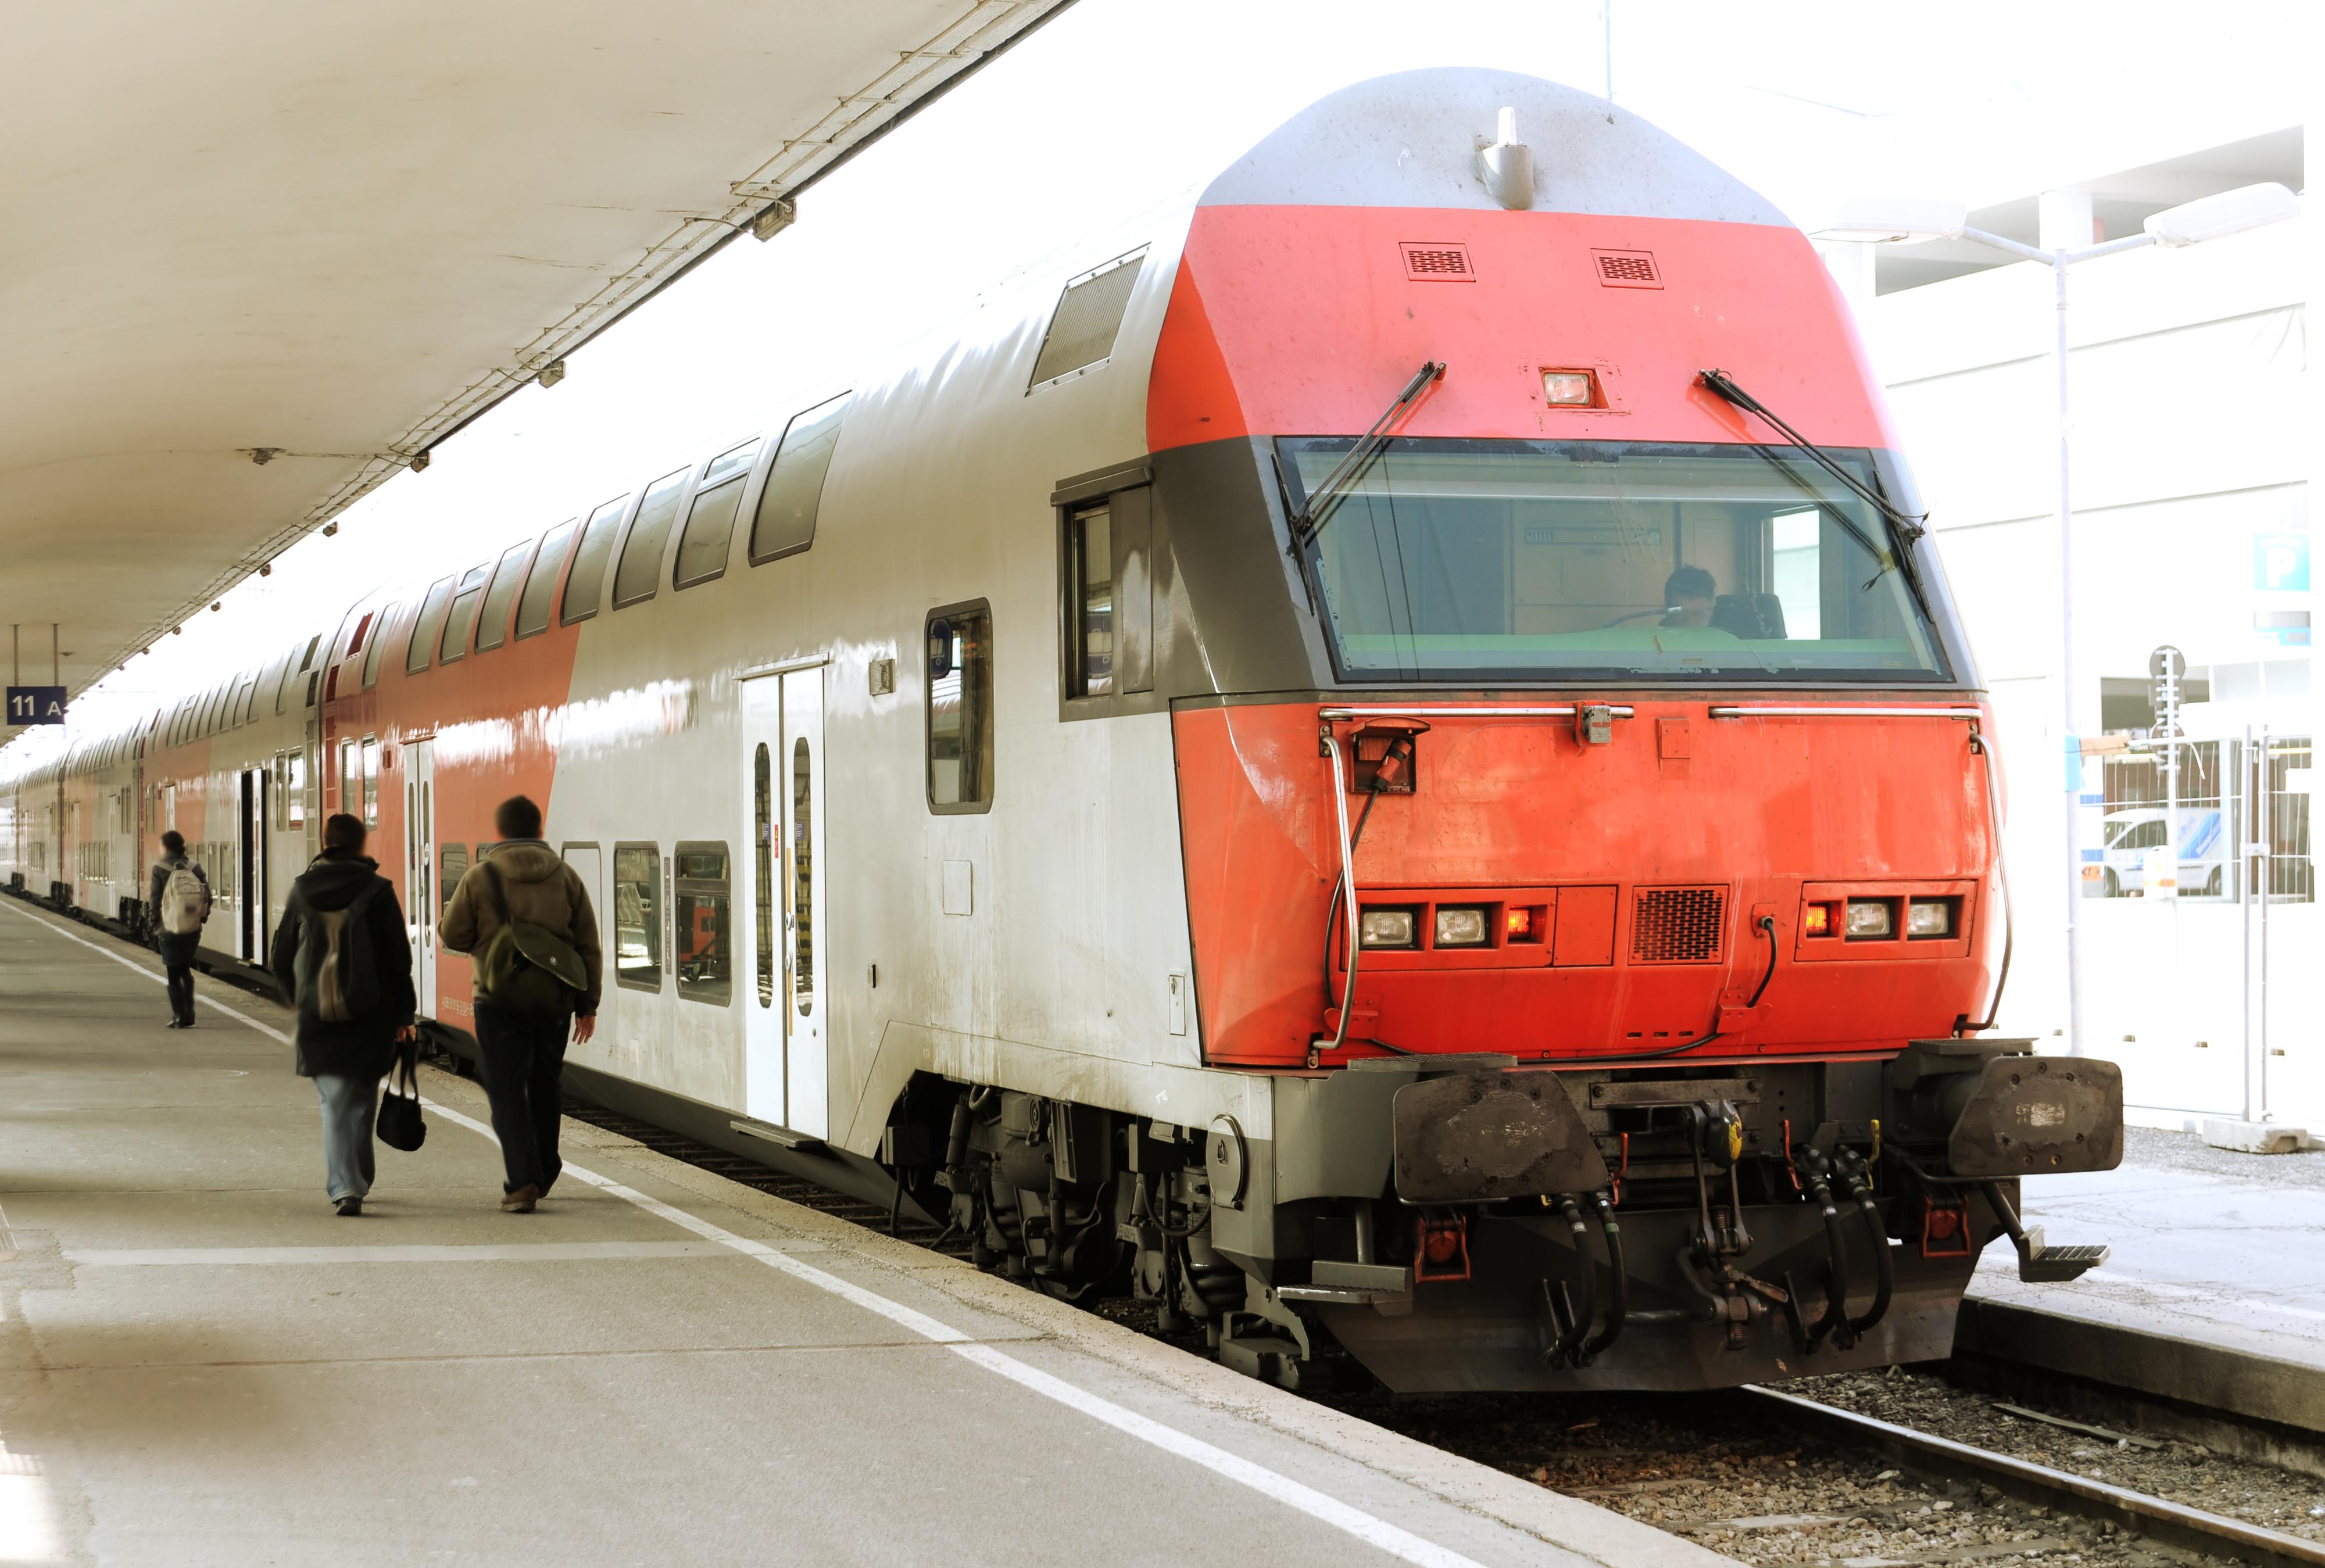 Un barbat inarmat cu un cutit a ranit doua persoane, intr-un tren din Austria. Primele imagini cu suspectul